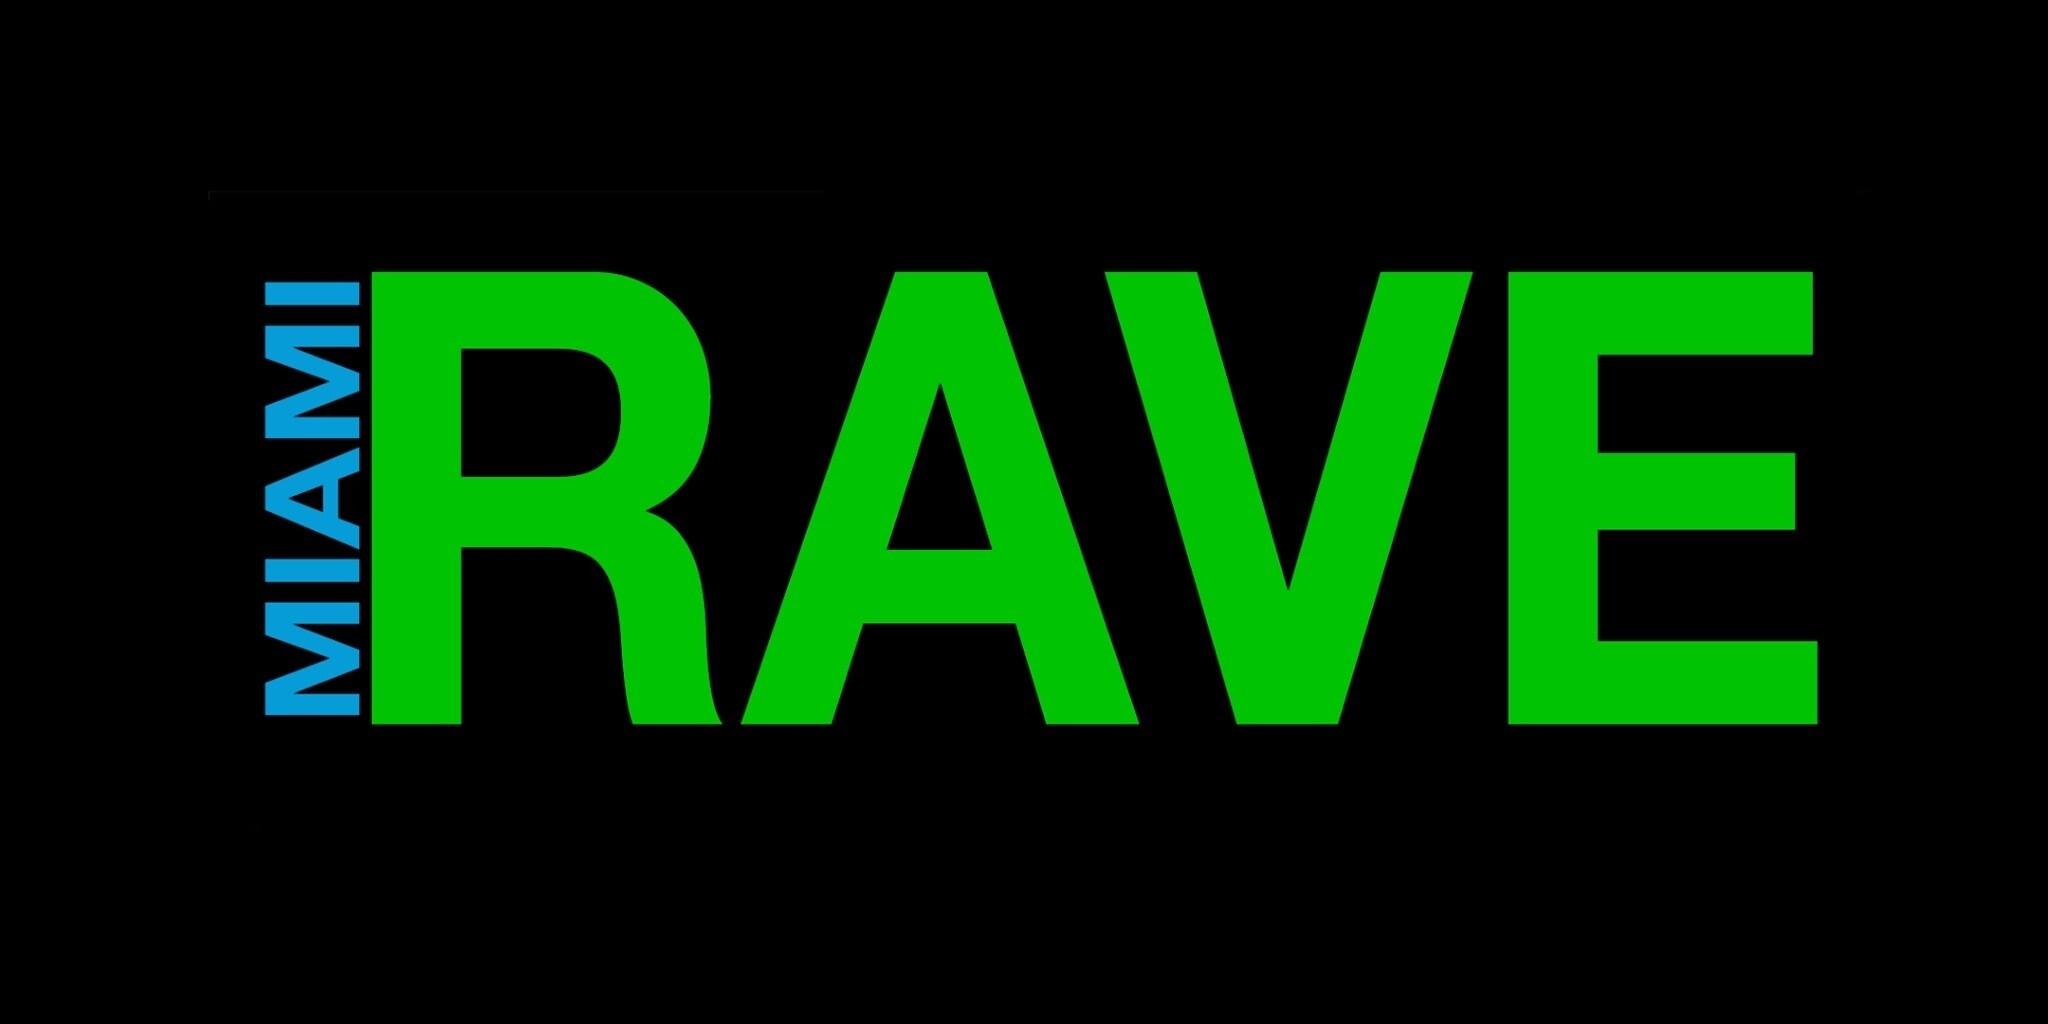 Miami Rave